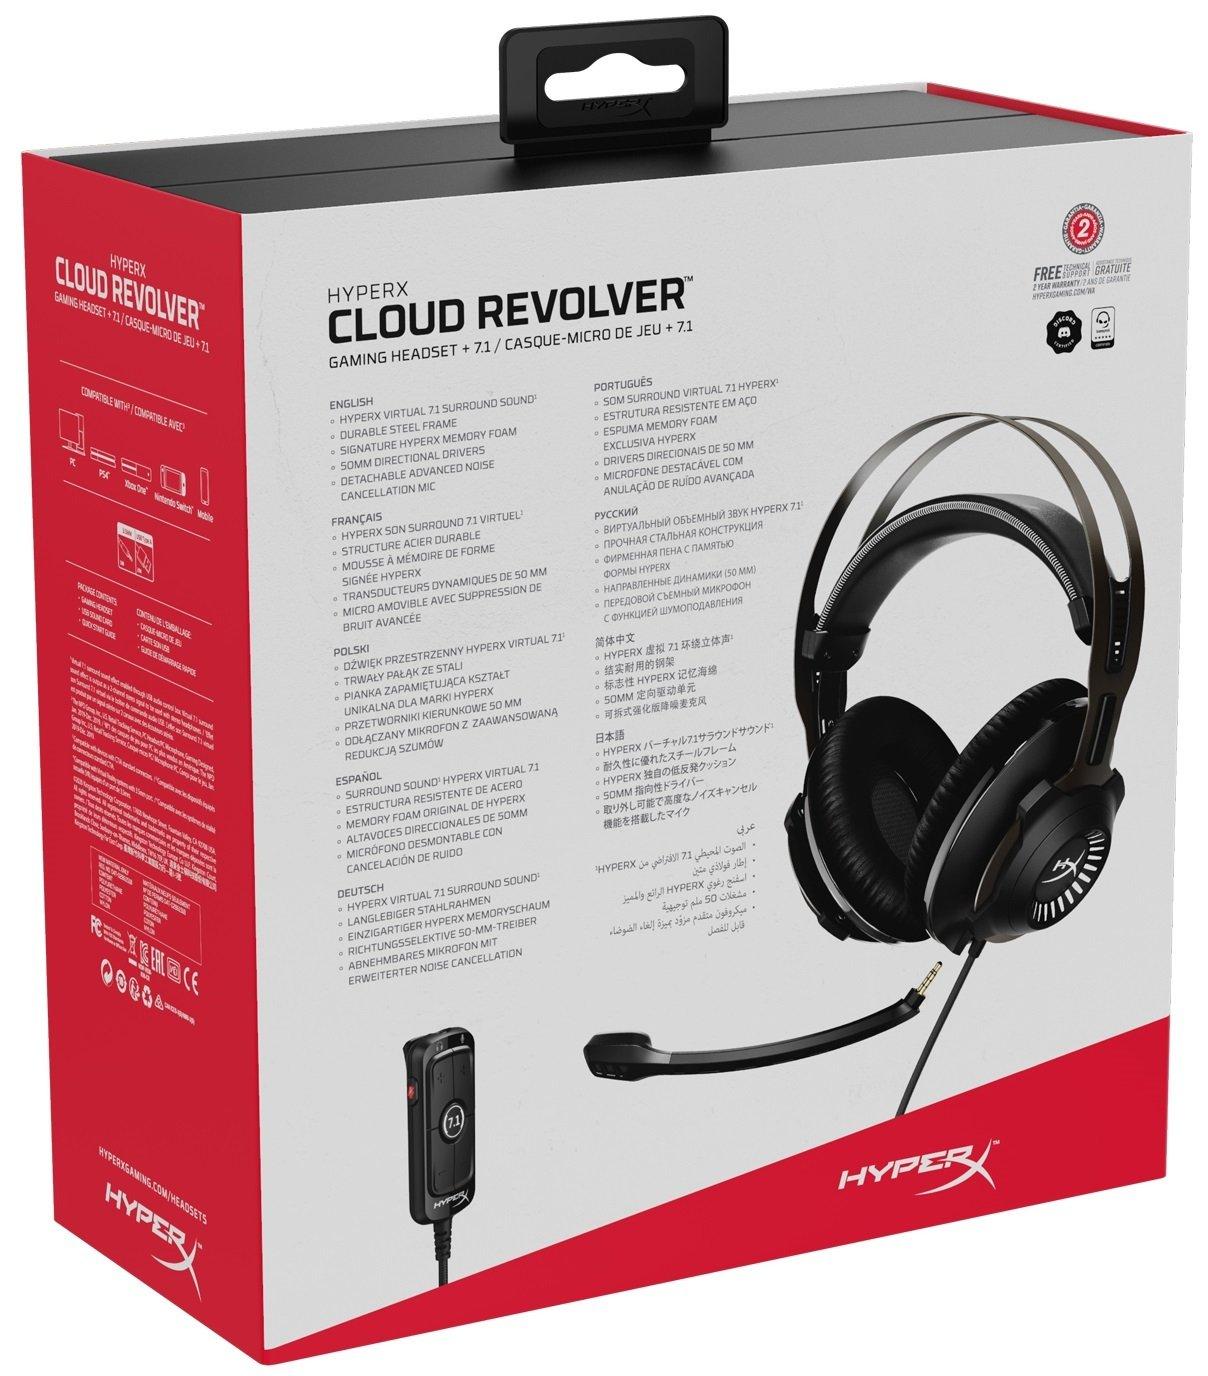 Игровая гарнитура HyperX Cloud Revolver 7.1 (HHSR1-AH-GM/G) фото